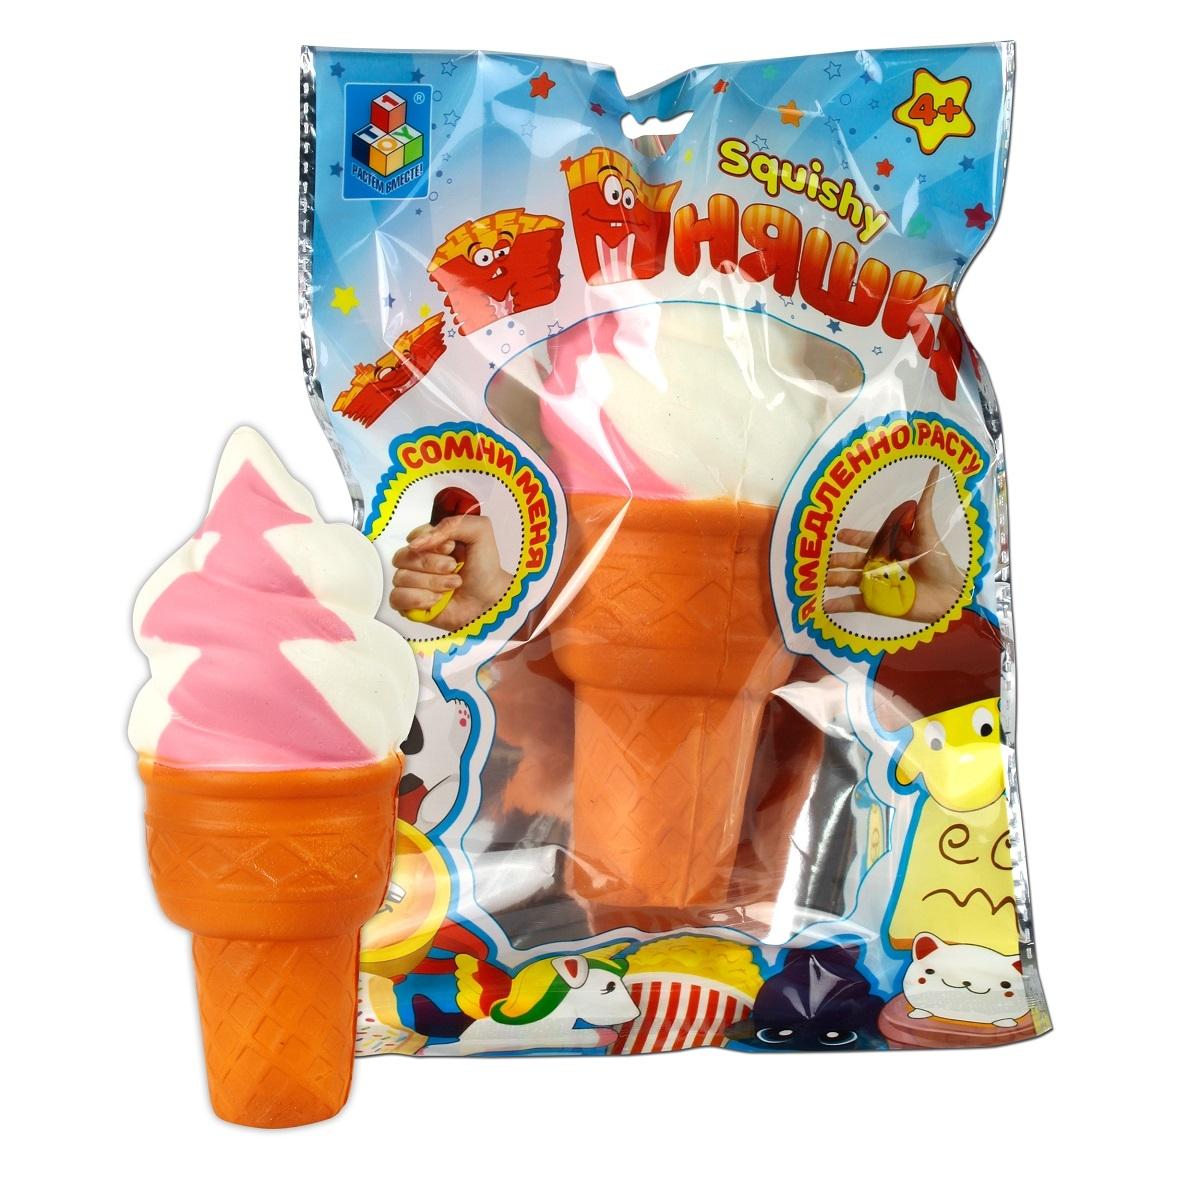 Фото - Игрушка-антистресс 1toy Мммняшка: Мороженое антистрессовая игрушка 1toy м м мняшка банан в карамели полимер